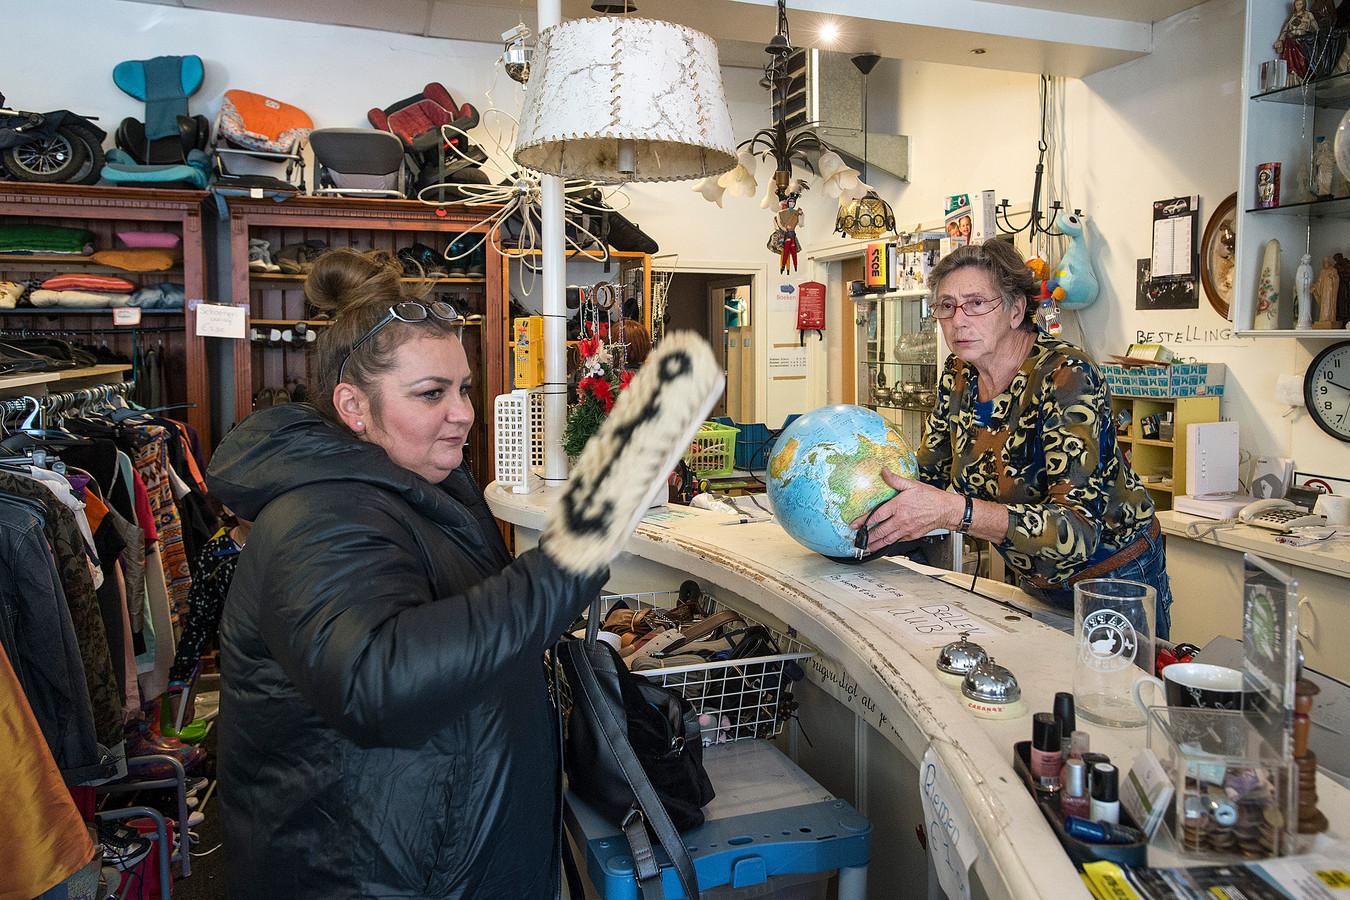 De kringloopwinkel is hot. Klanten weten de zaken, zoals deze in de Oranjeboomstraat, goed te vinden.